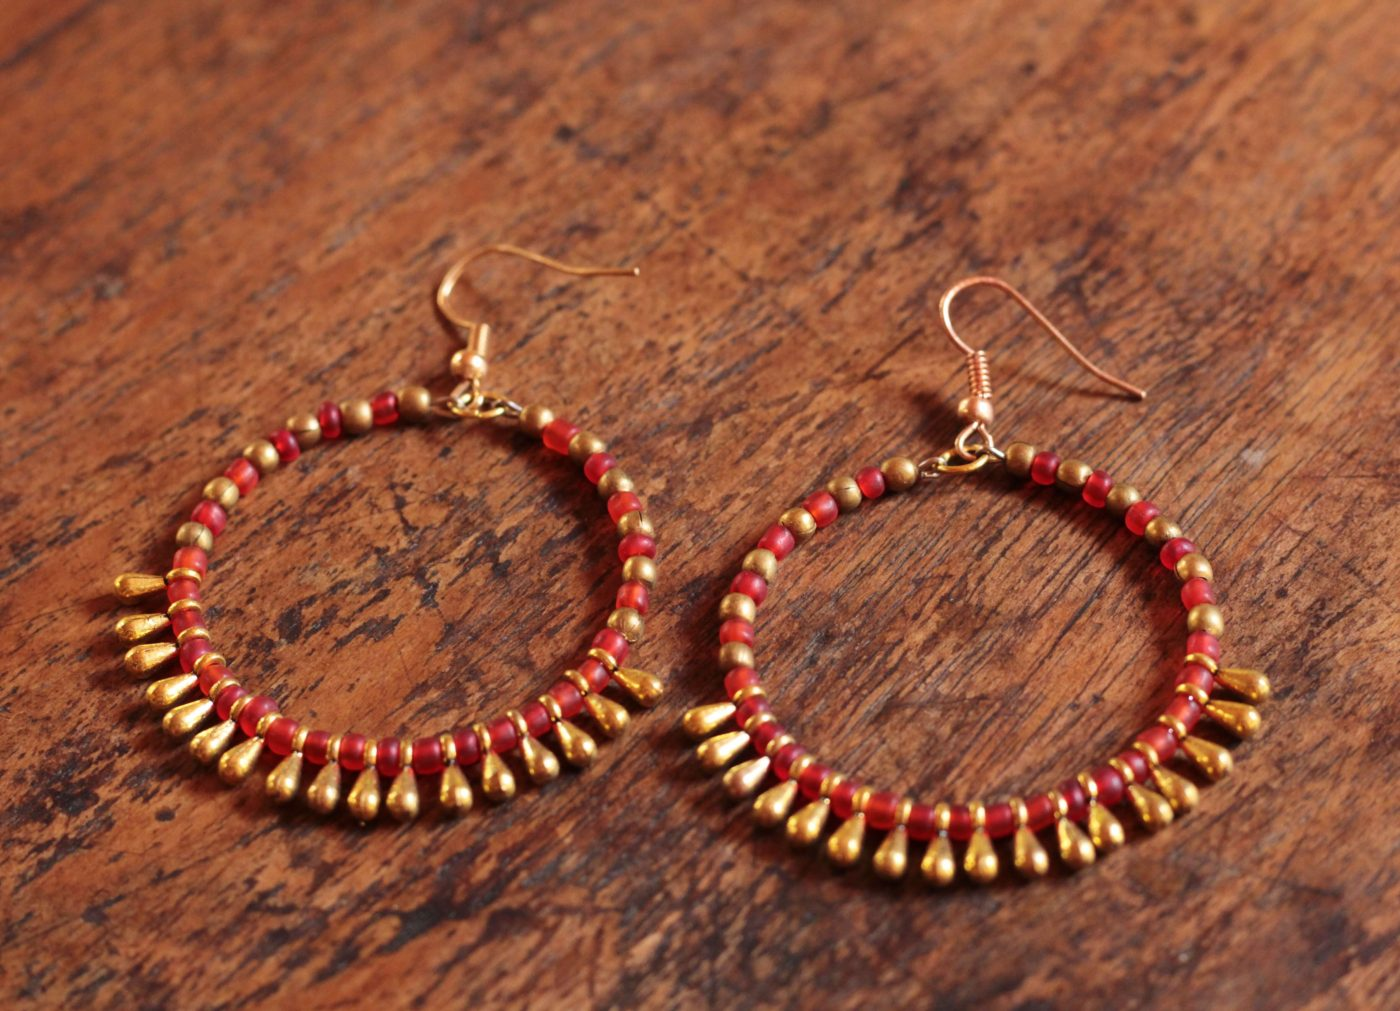 Runde Boho Ohrringe Gold Rot Messing Creolen OhrringeIbiza Boho Style